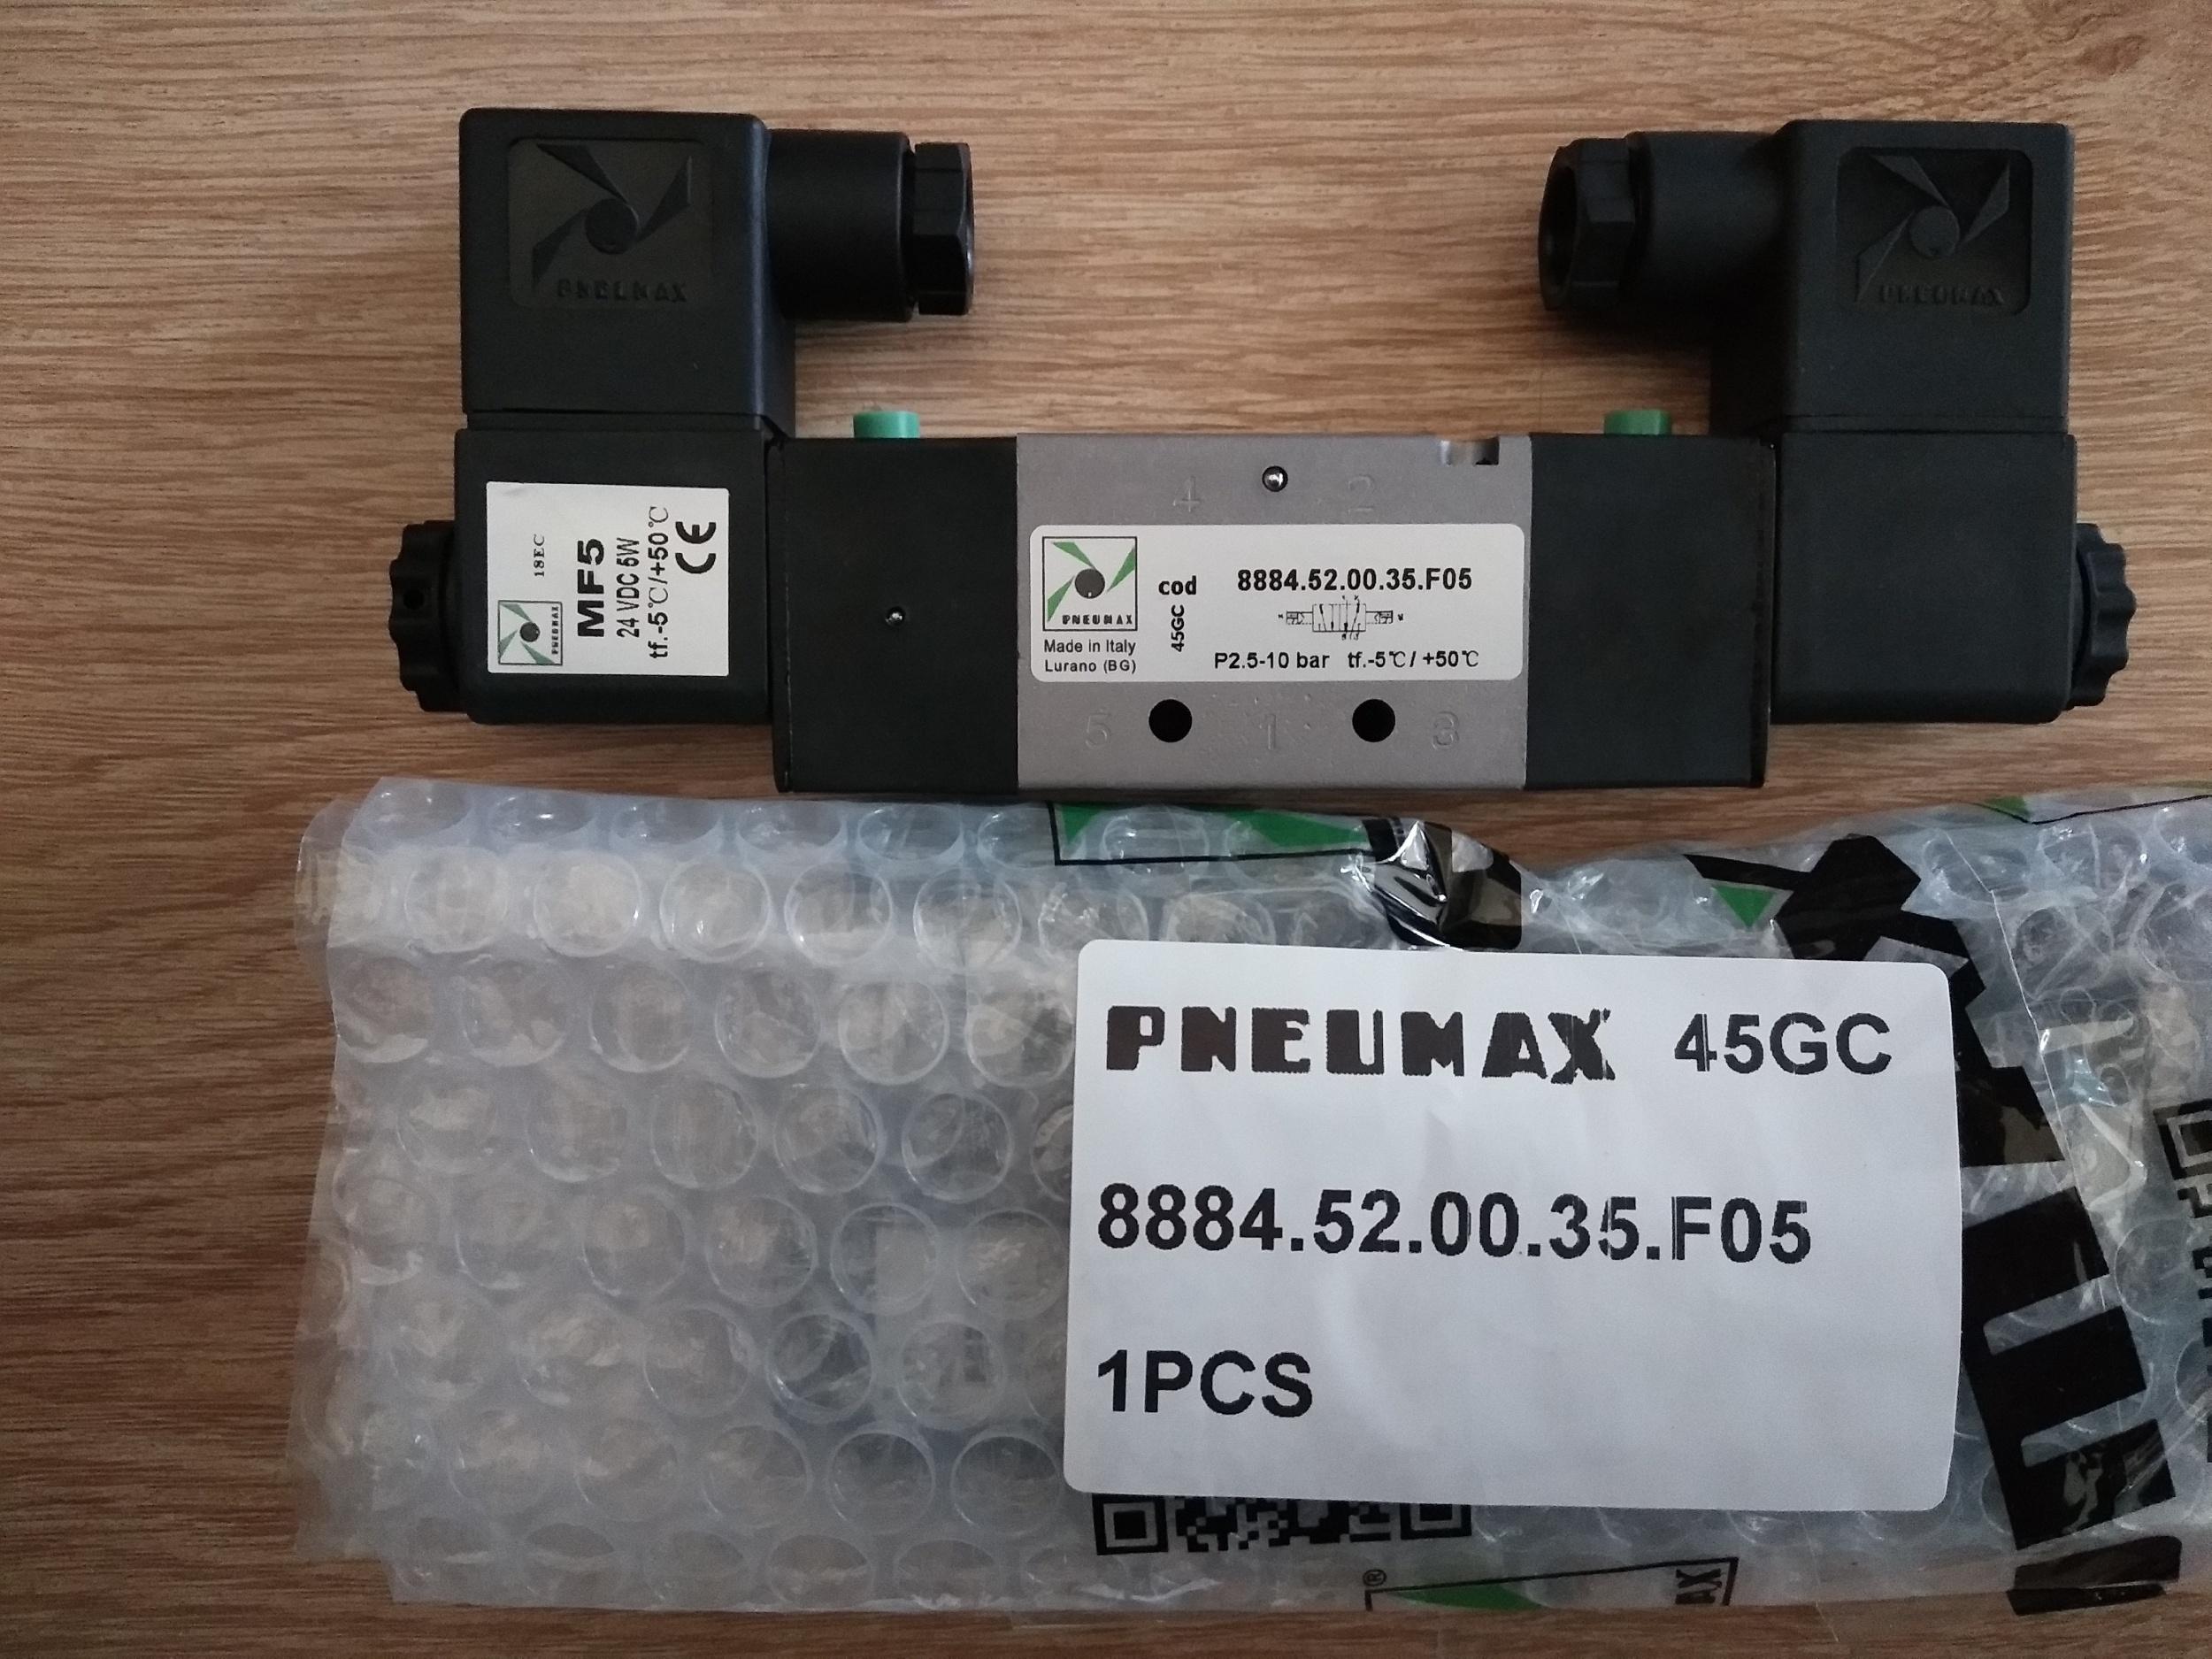 2019年11月下旬到货PNEUMAX/ACE/SMC/BARTEC/P+F